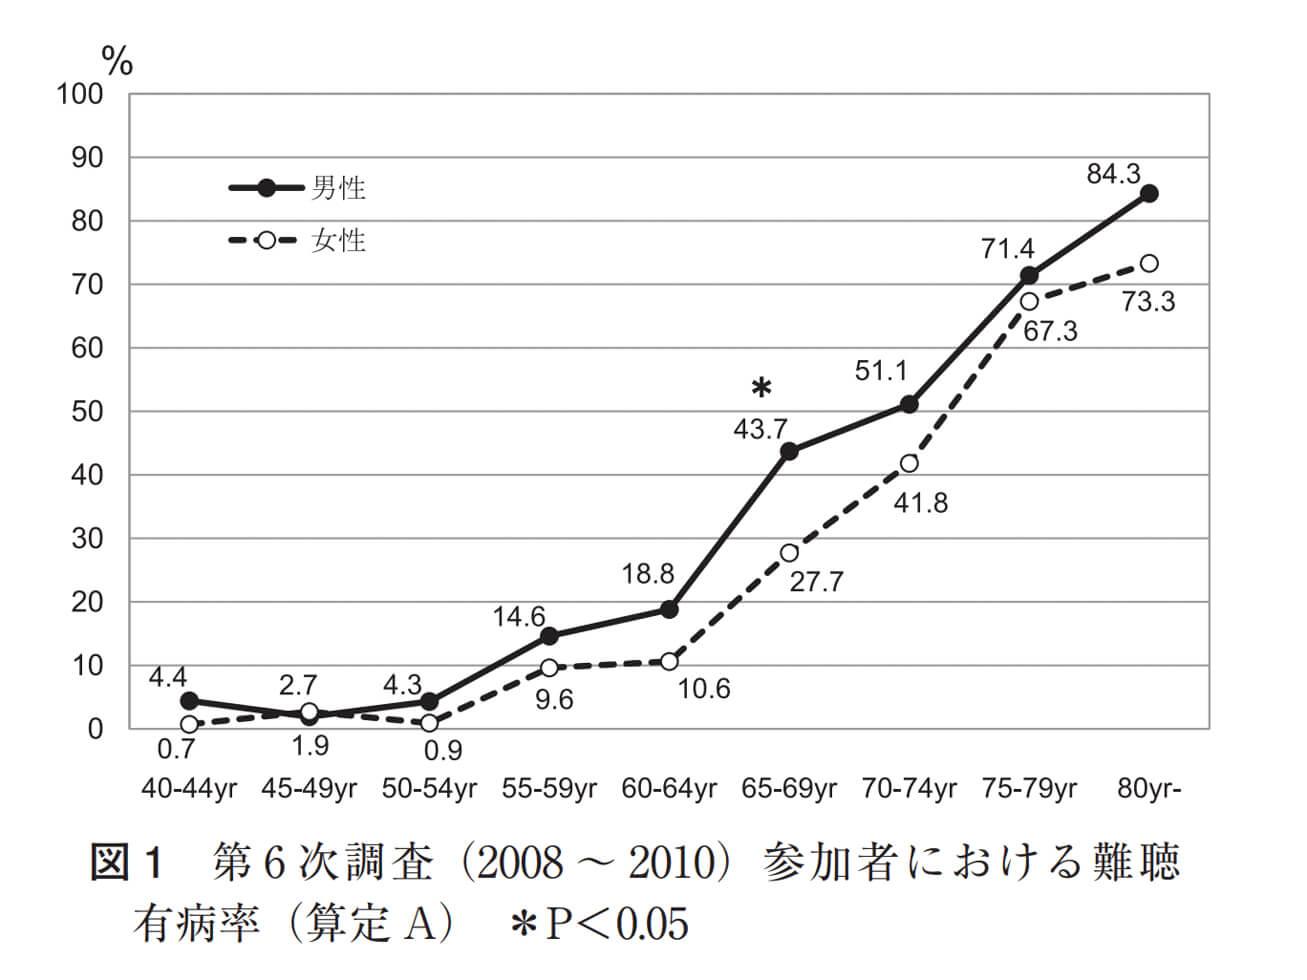 老人性難聴有病率のグラフ